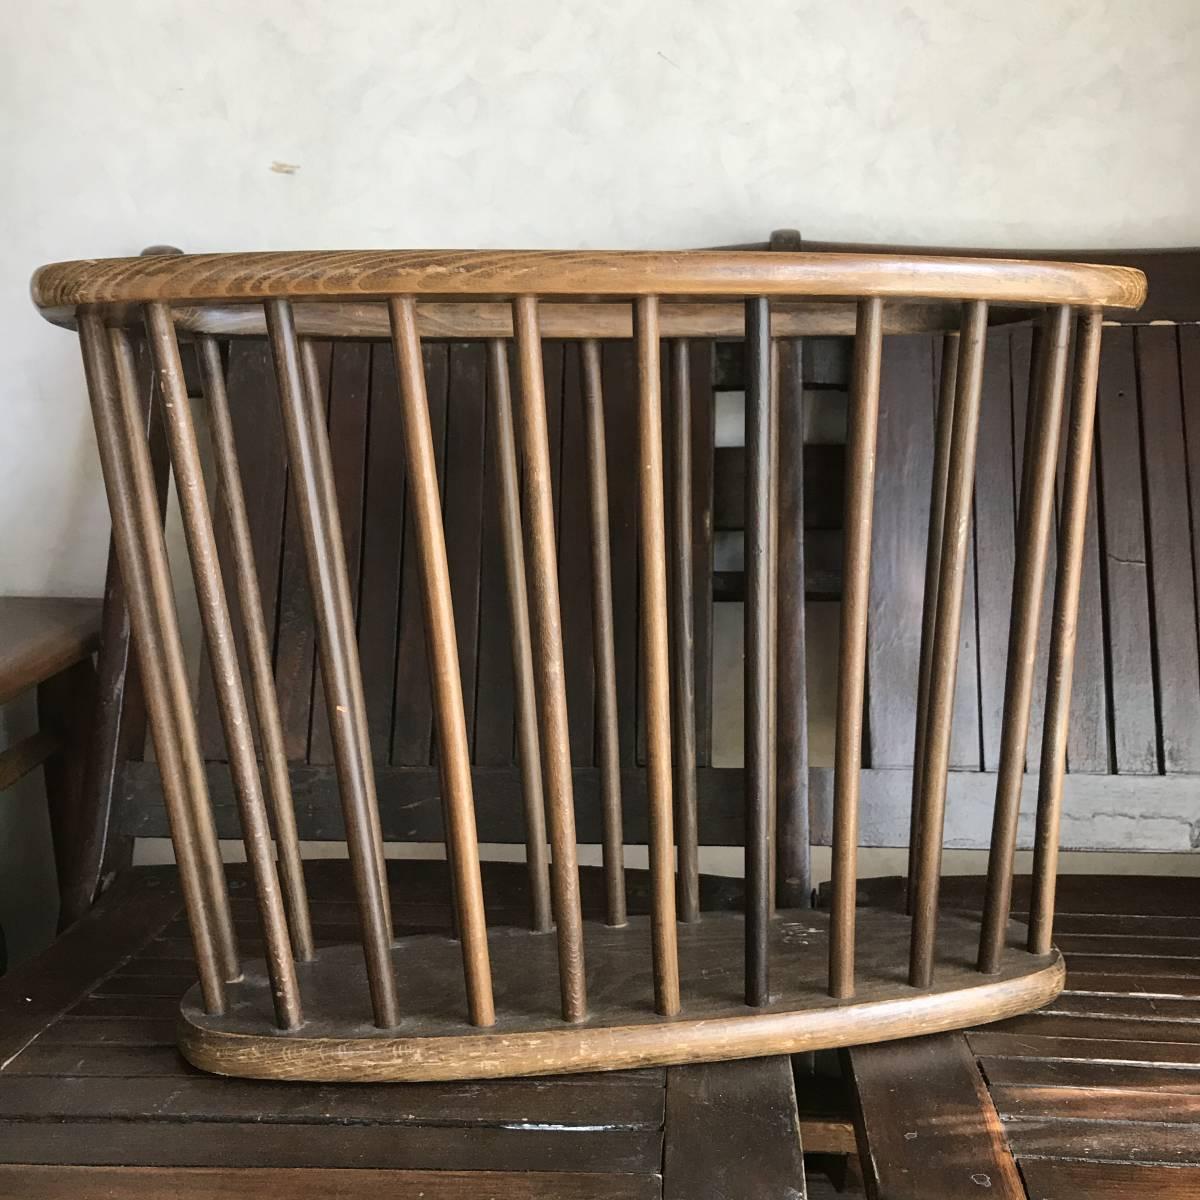 貴重!アメリカアンティーク Antique本の収納ラック 木製USA/カリフォルニア西海岸店舗什器ヴィンテージ50's60's70's_画像1